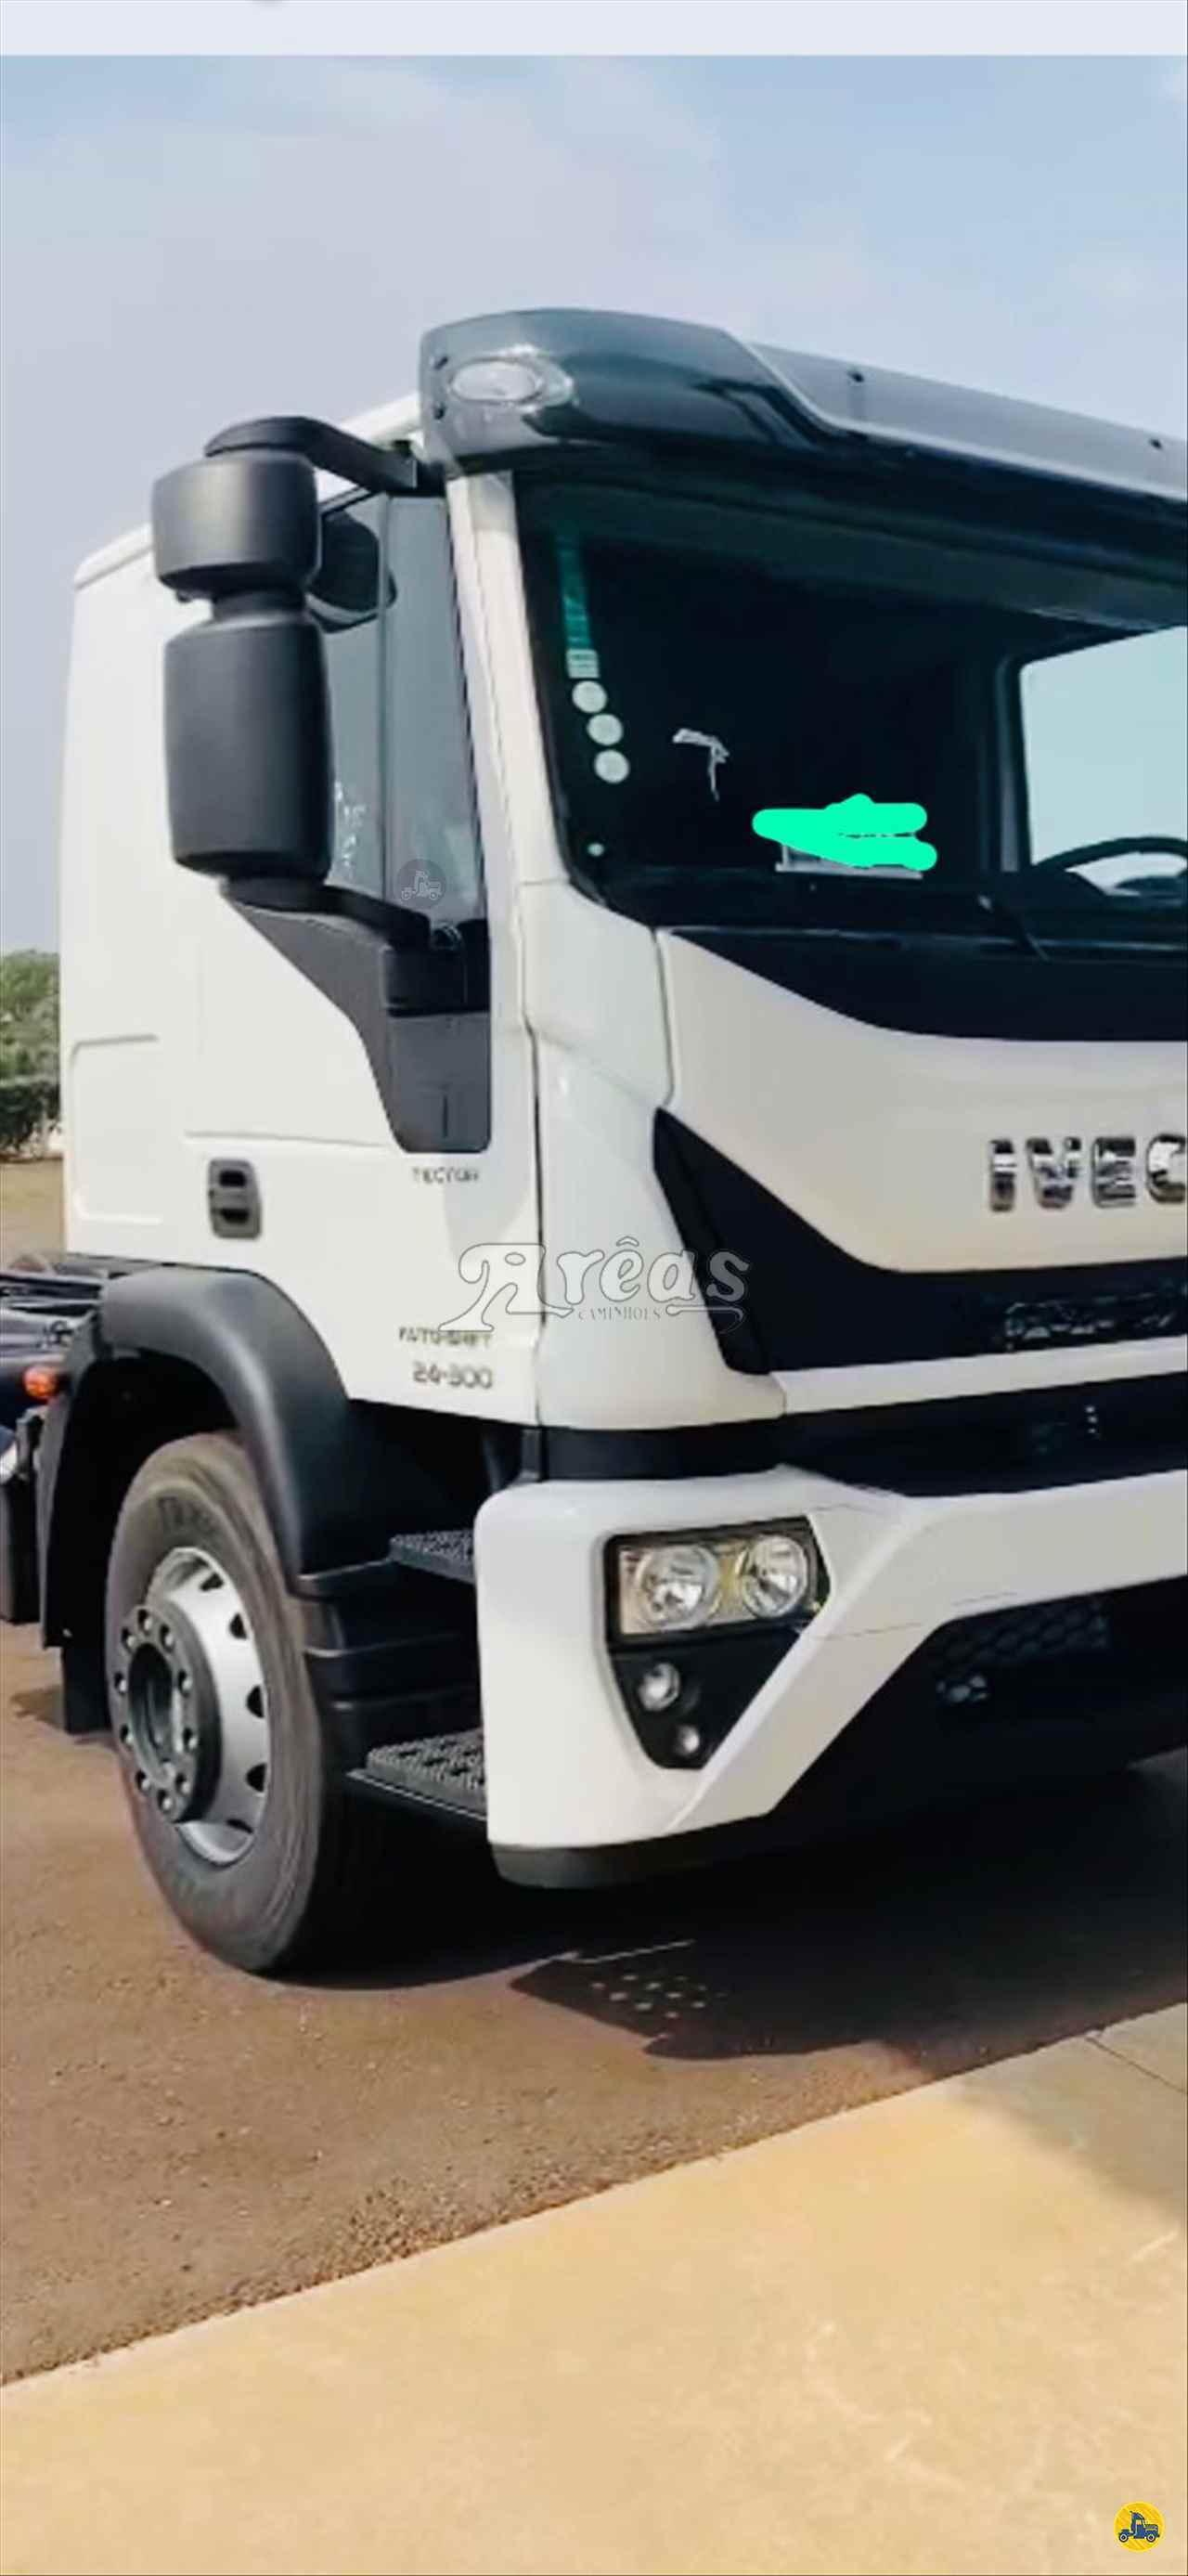 CAMINHAO IVECO Tector 24 300 Chassis Truck 6x2 Arêas Caminhões MARINGA PARANÁ PR